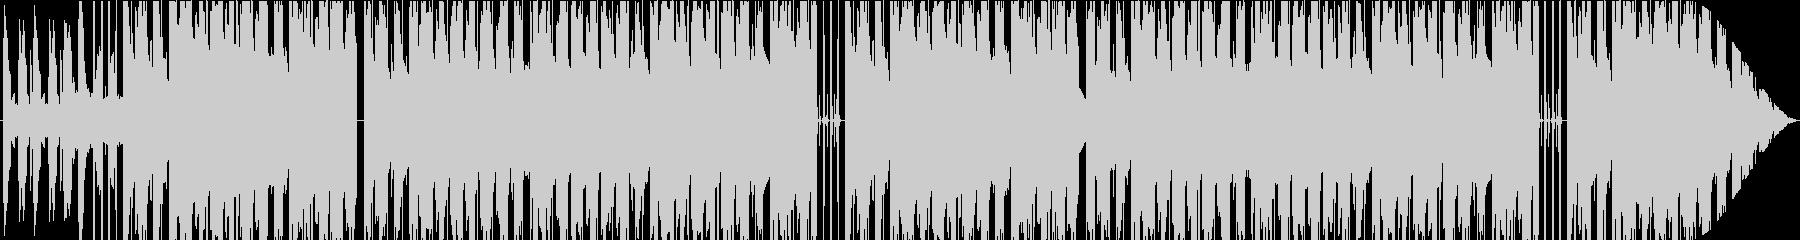 Lofi 柔らかい音色のピアノビートの未再生の波形